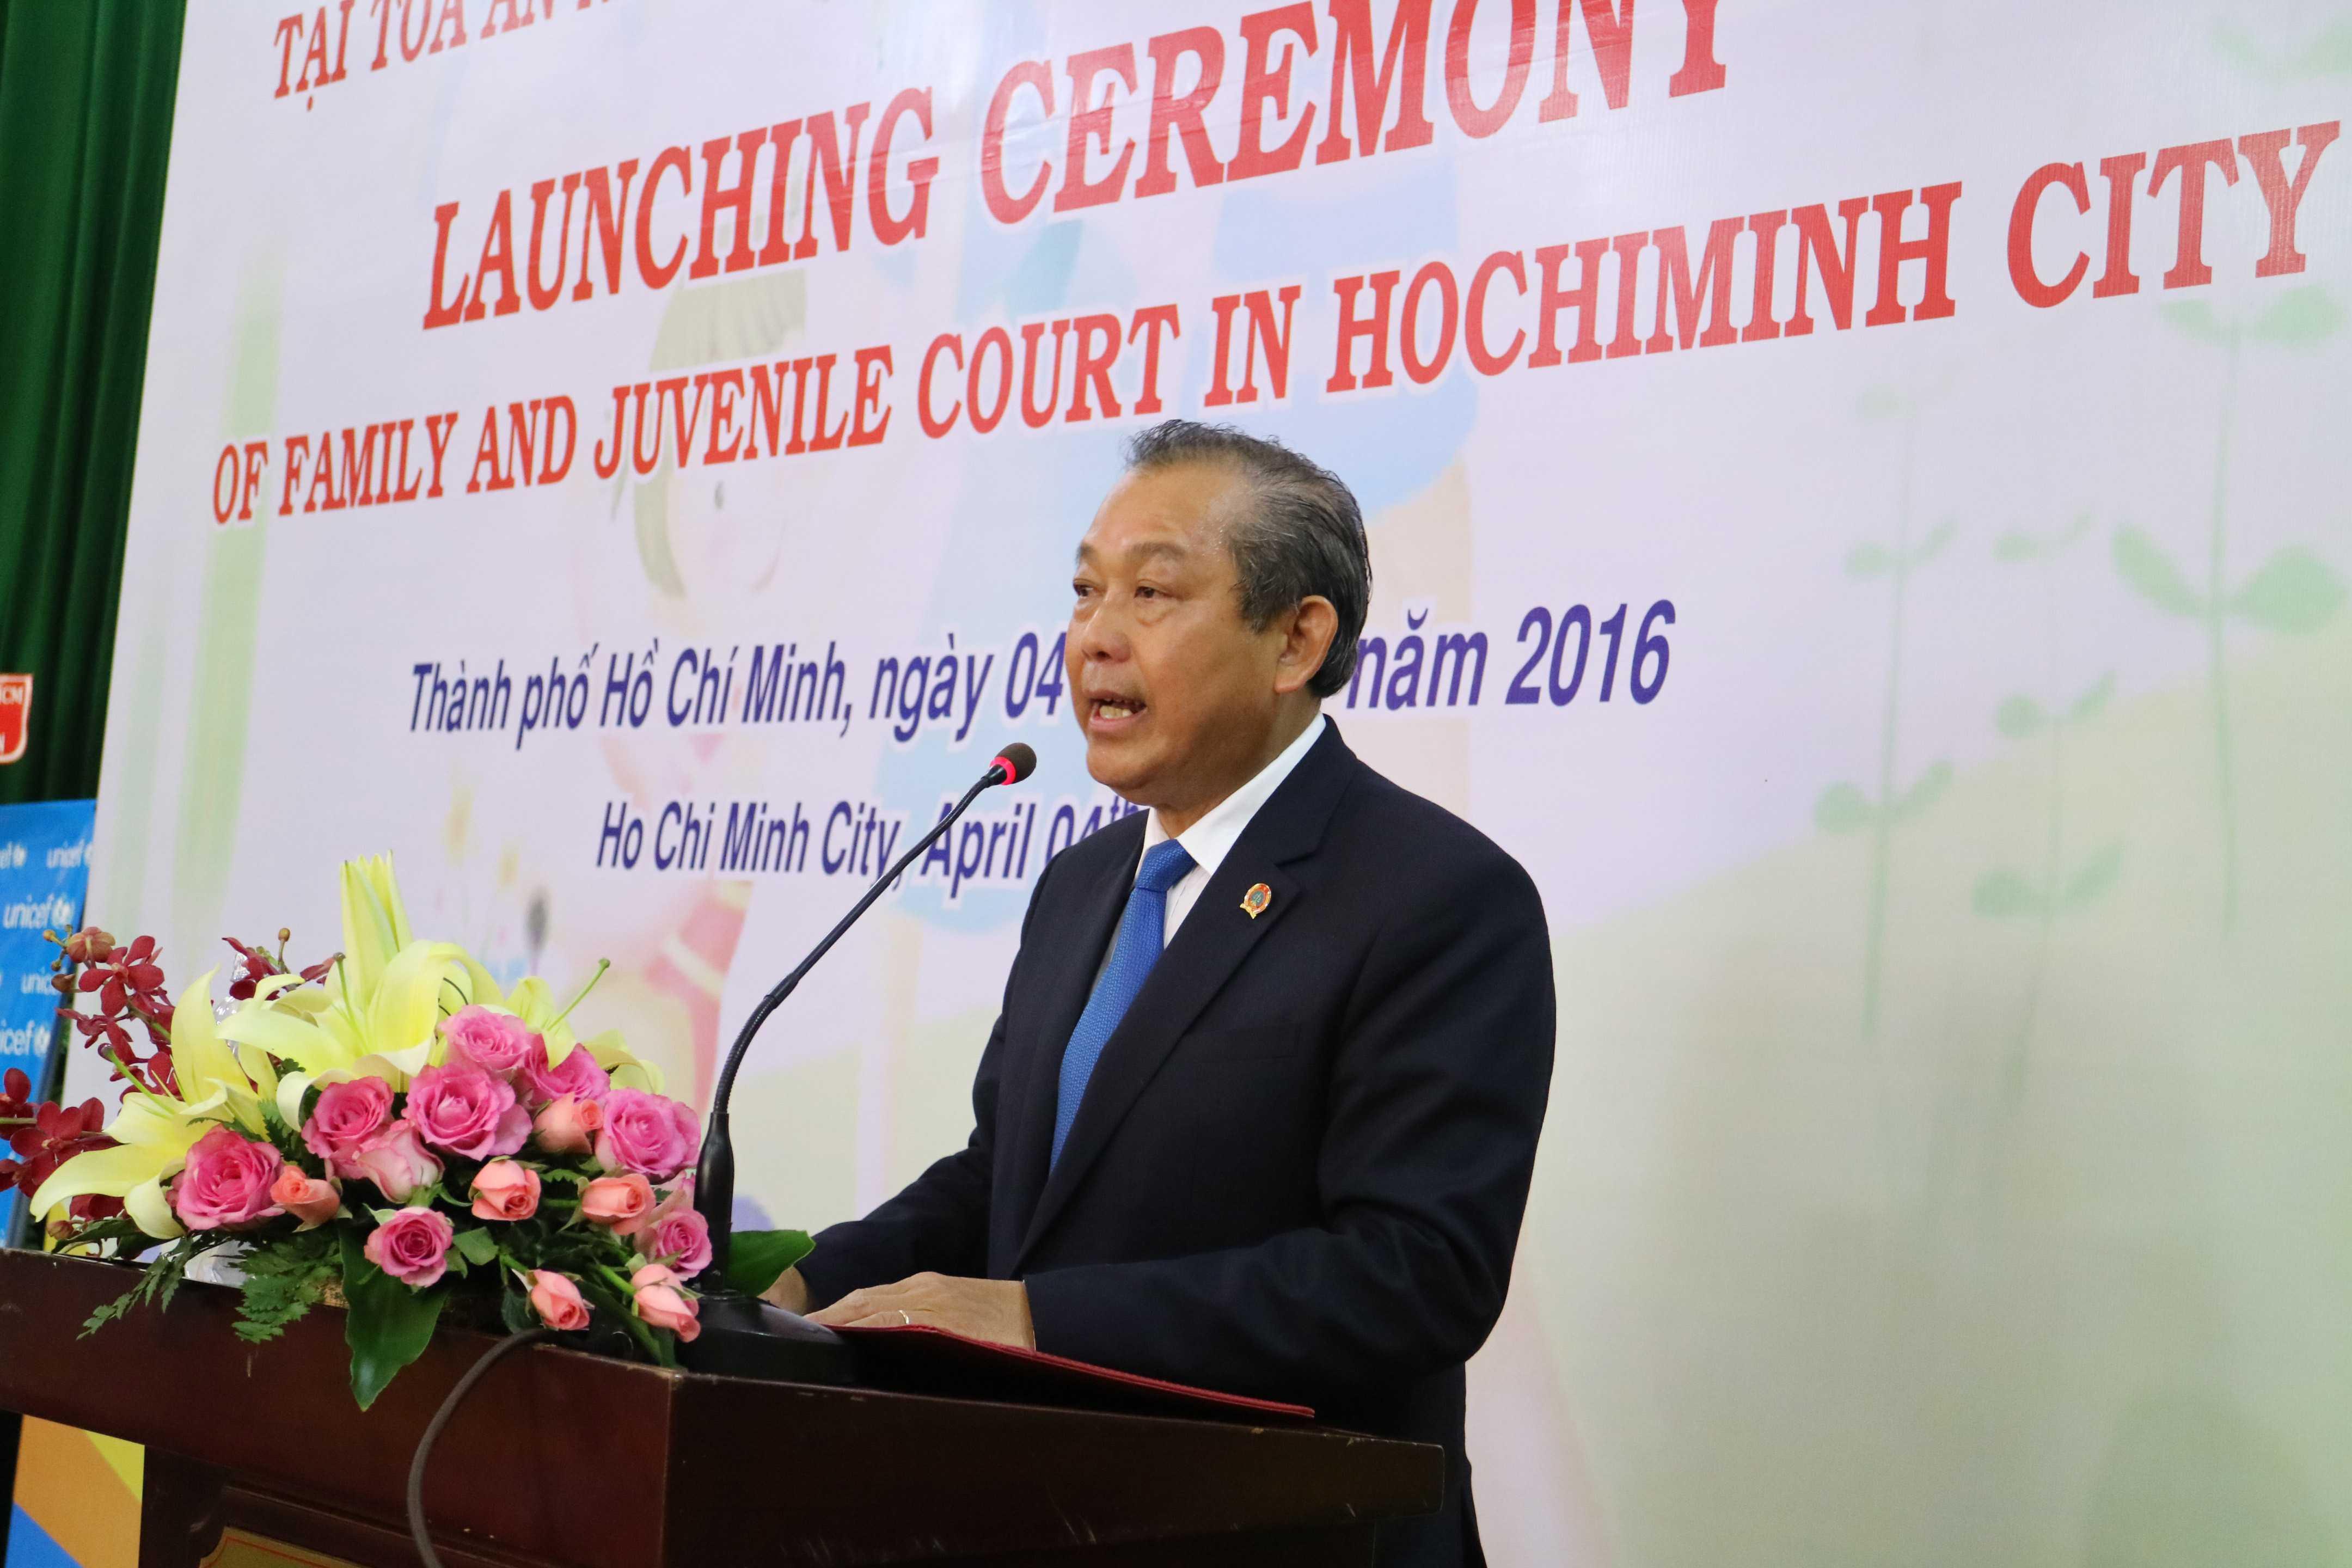 Chánh án TANDTC Trương Hòa Bình phát biểu tại Lễ ra mắt Tòa Gia đình và Người chưa thành niên thuộc TAND TP. HCM